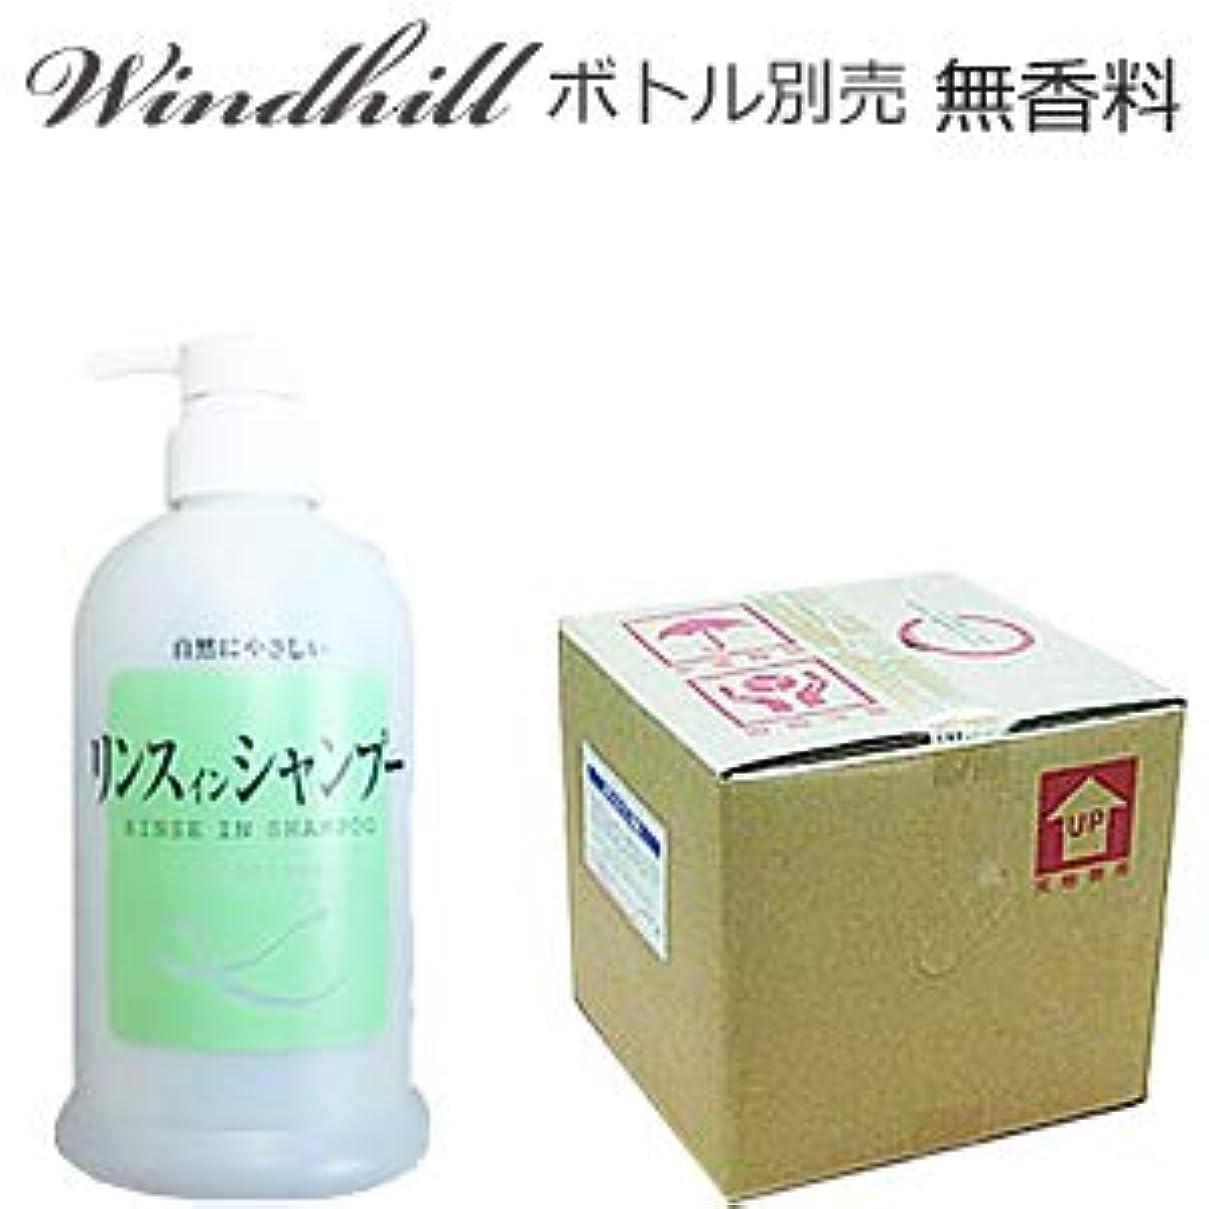 遠洋の移行アルプスWindhill 植物性 業務用ボディソープ 無香料 20L(1セット20L入)